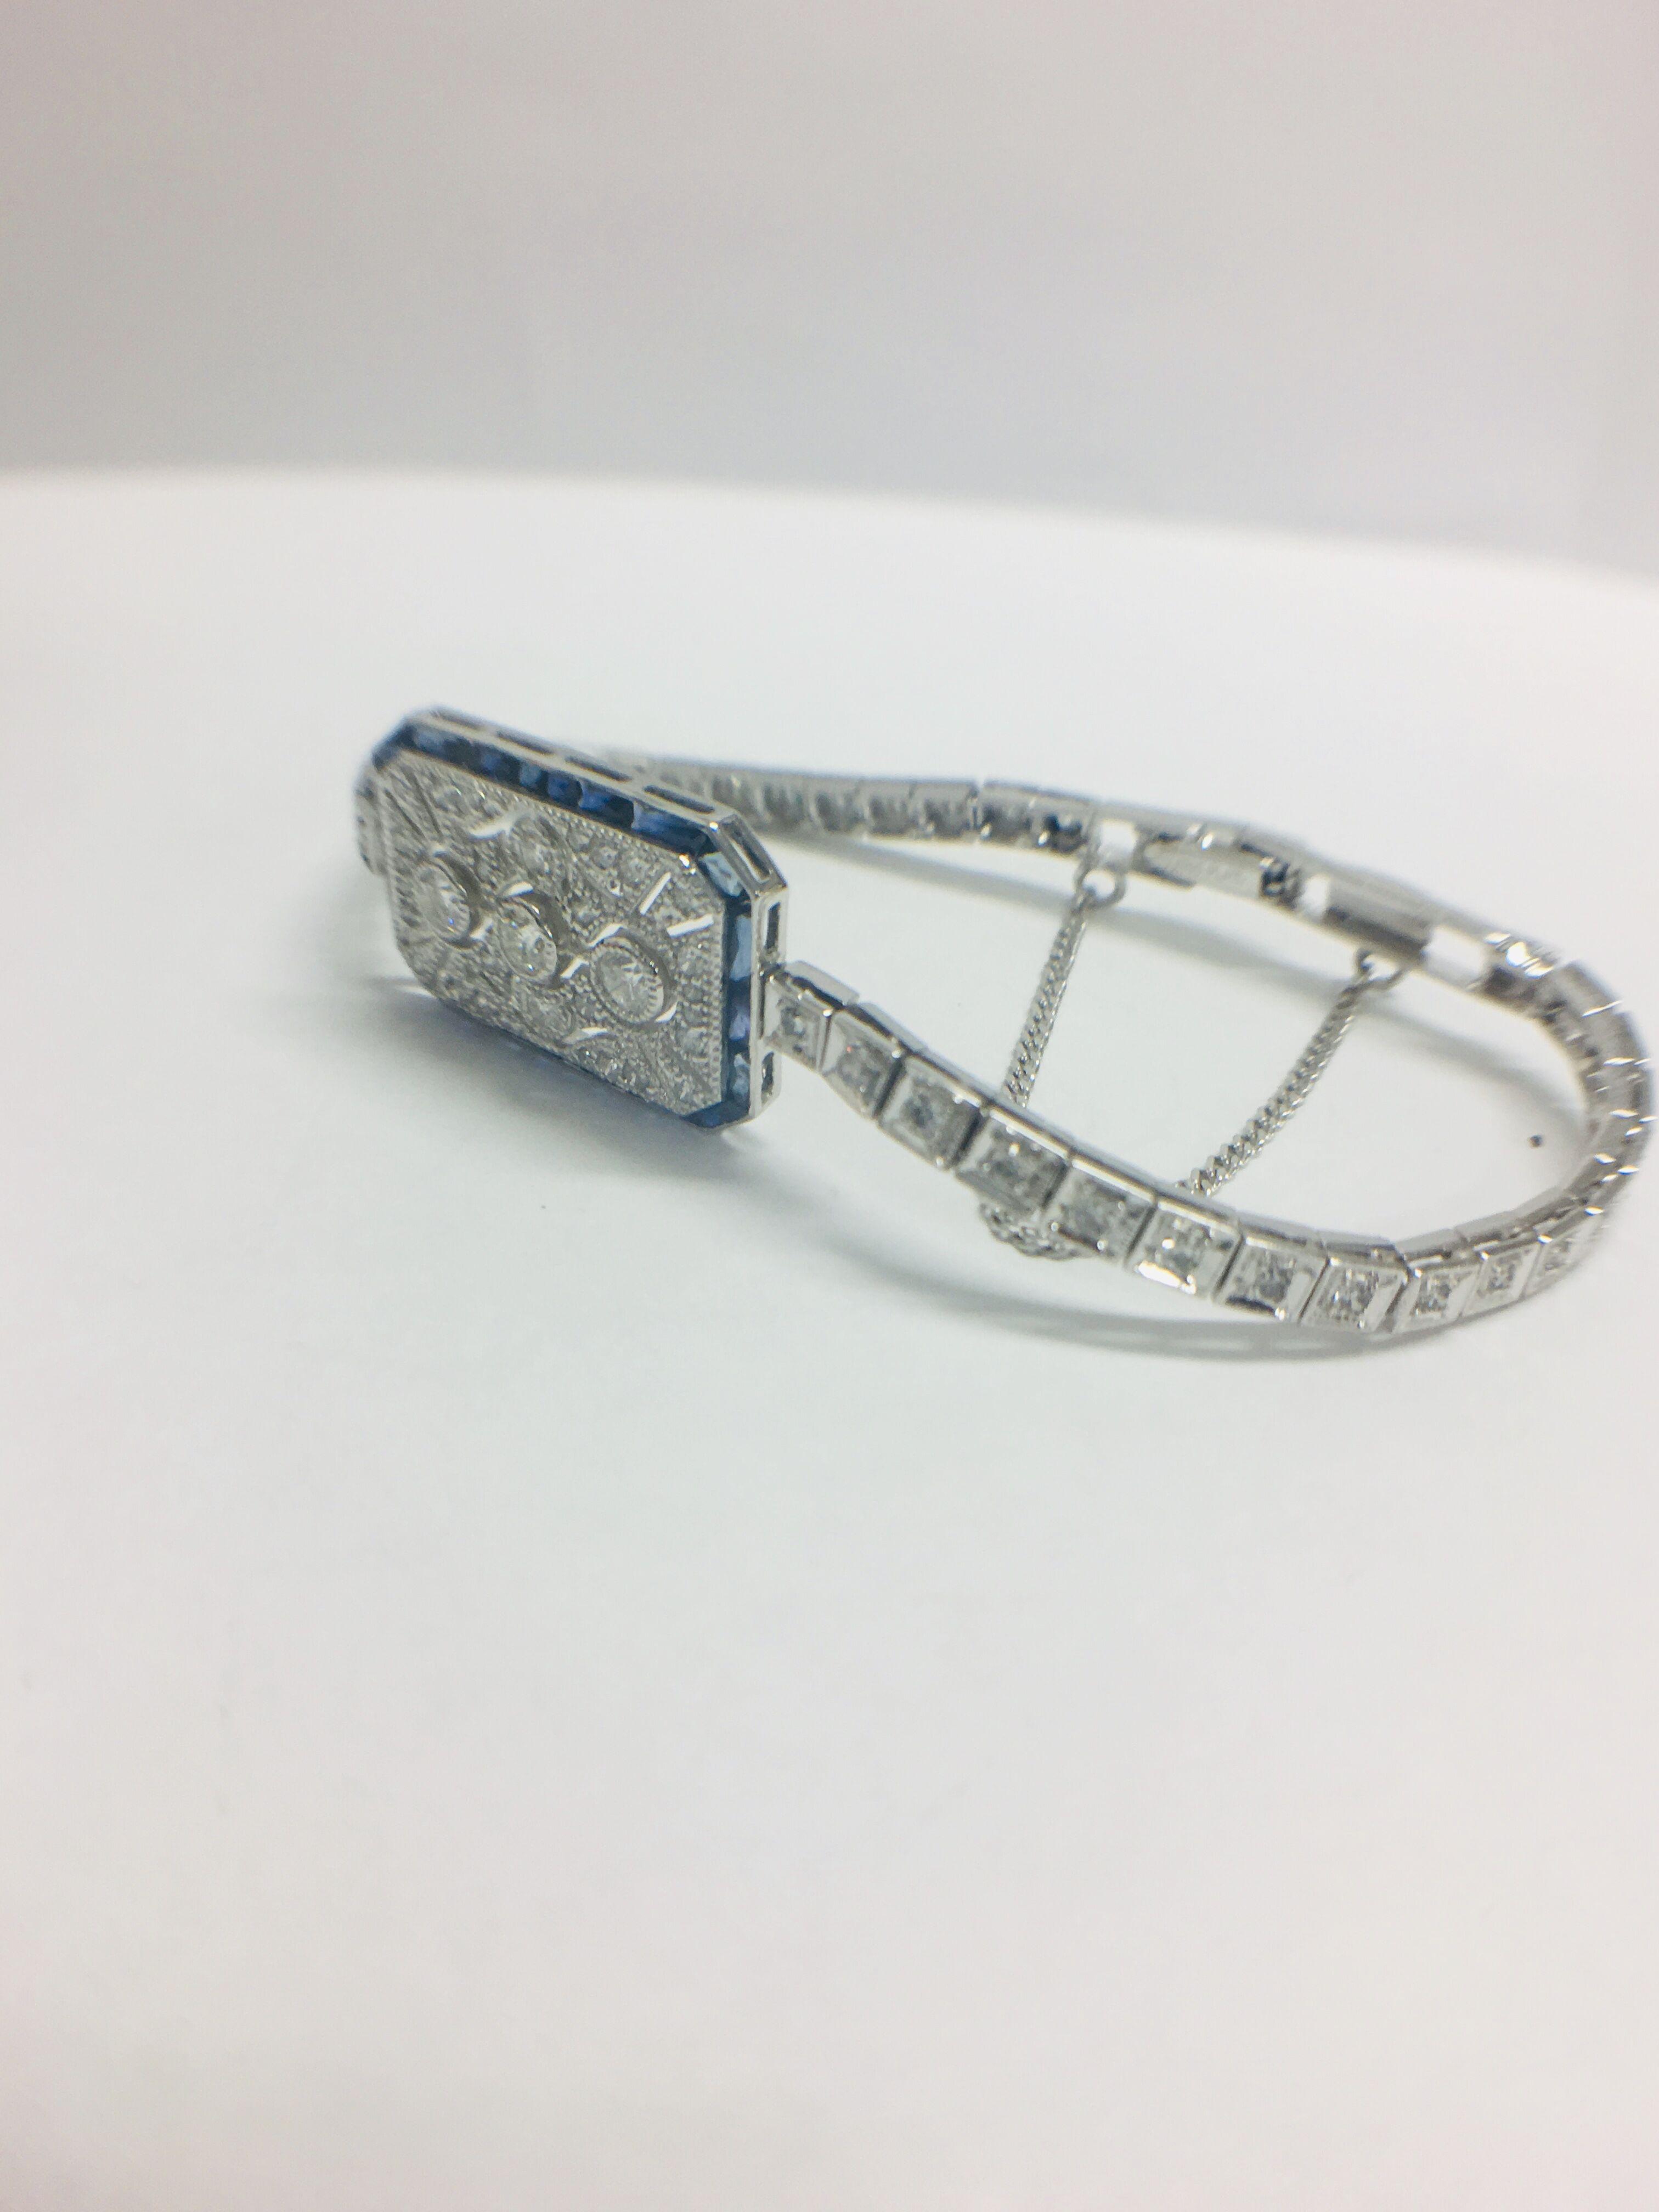 Platinum Cocktail Bracelet - Image 7 of 12